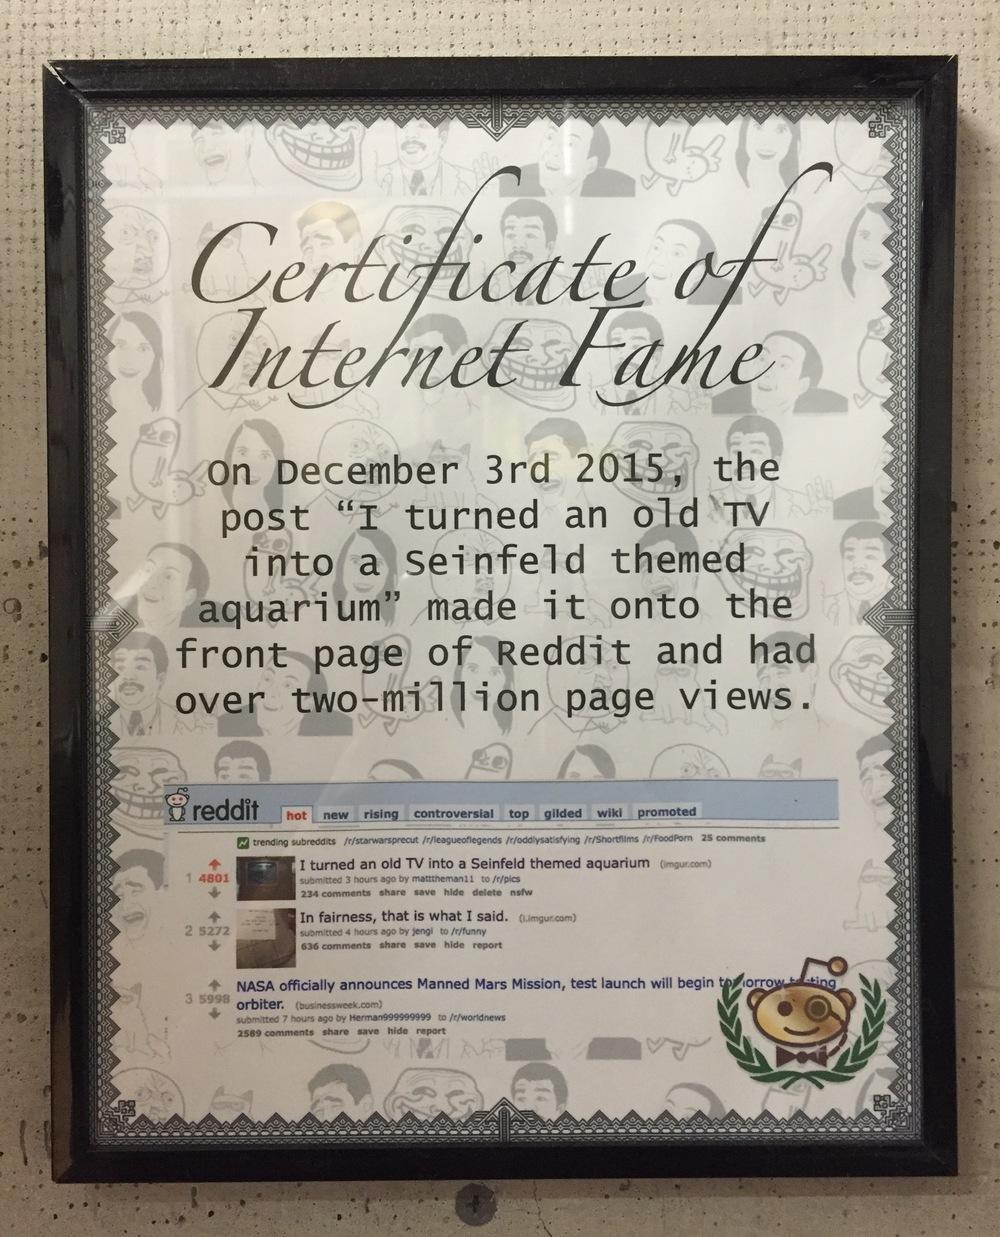 CertificateofInternetFame.jpg